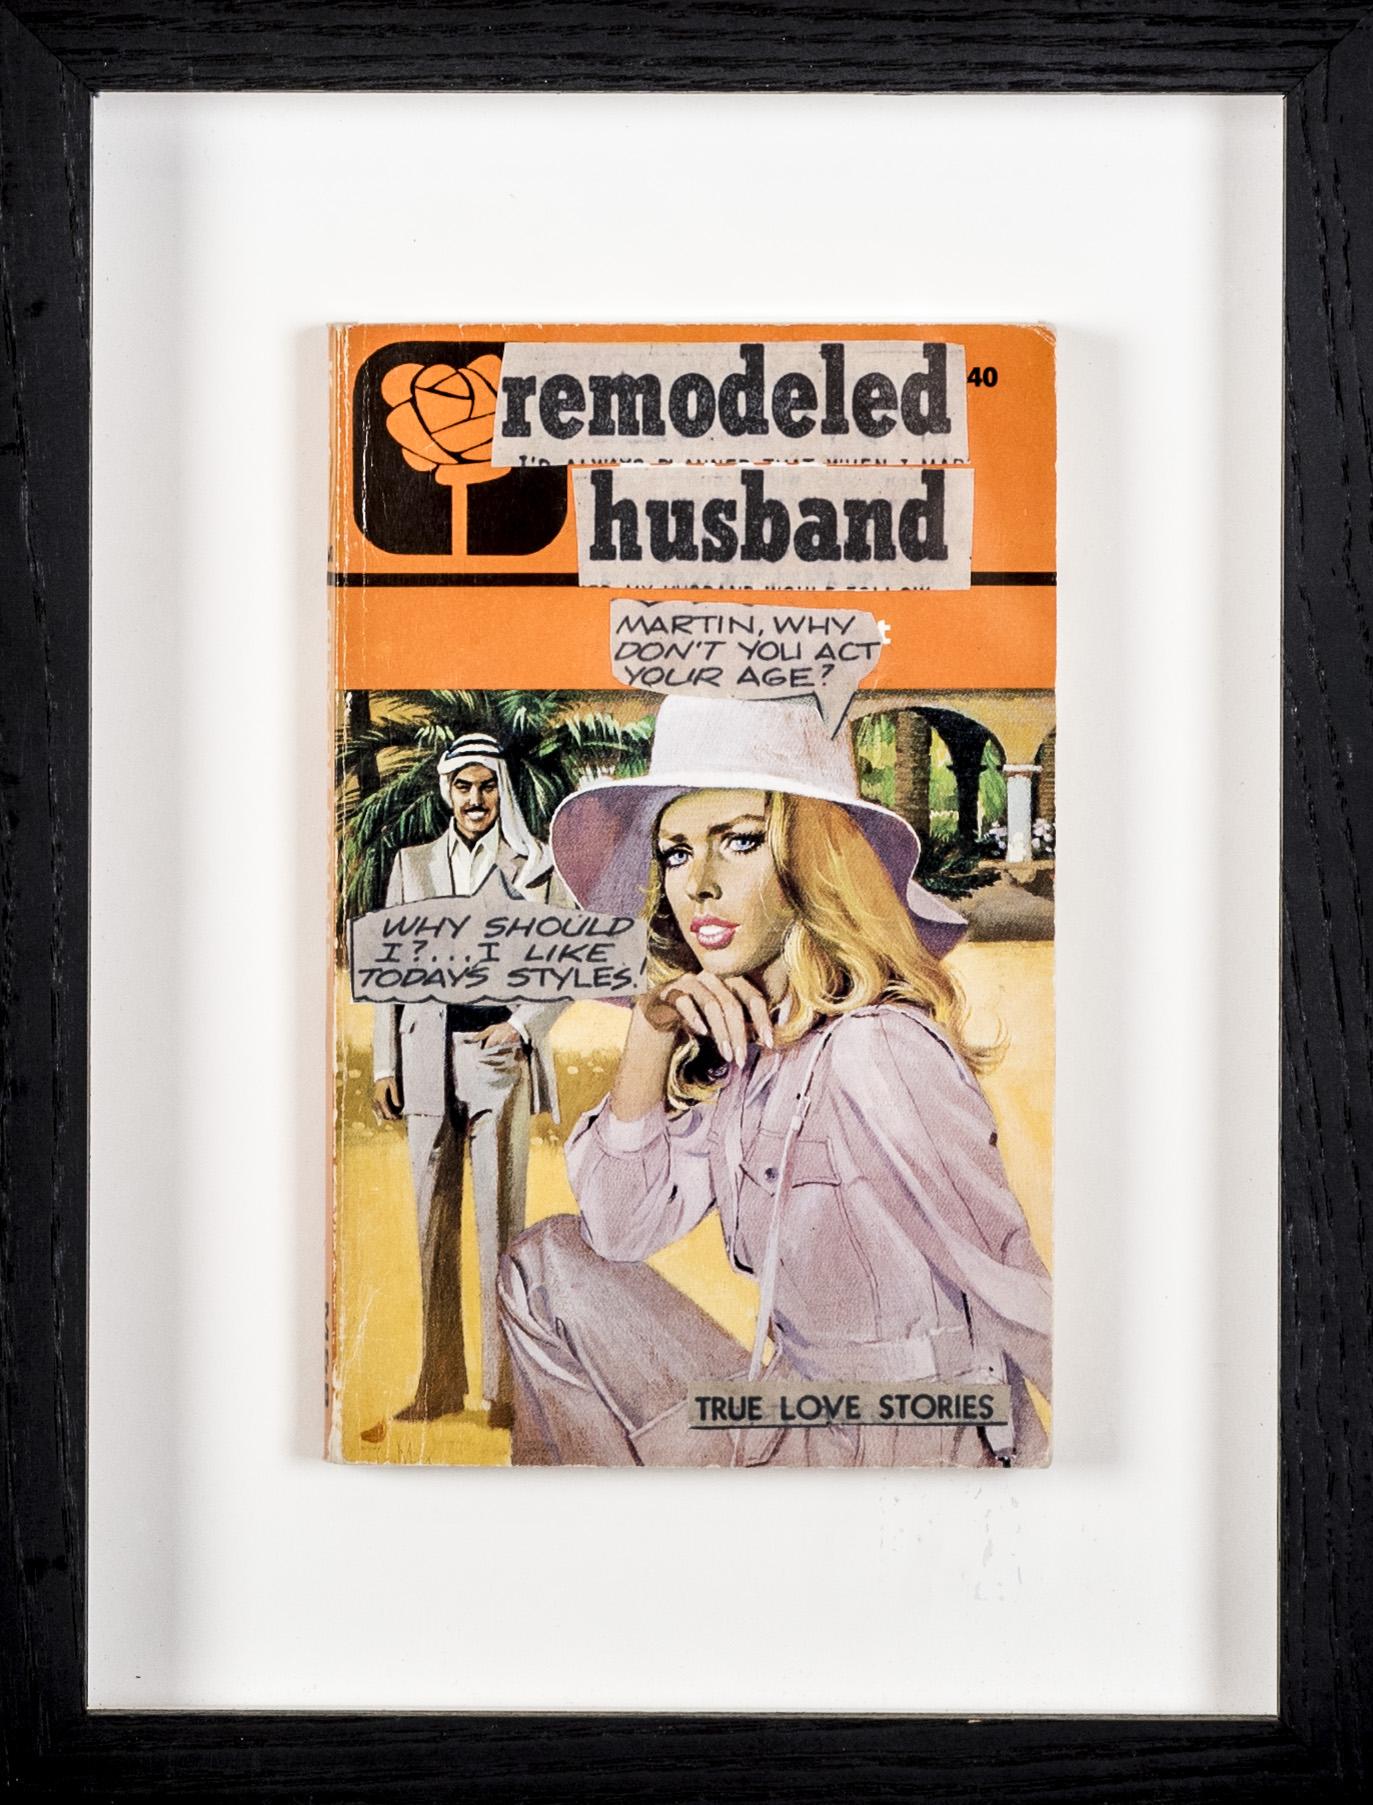 Remodeled husband